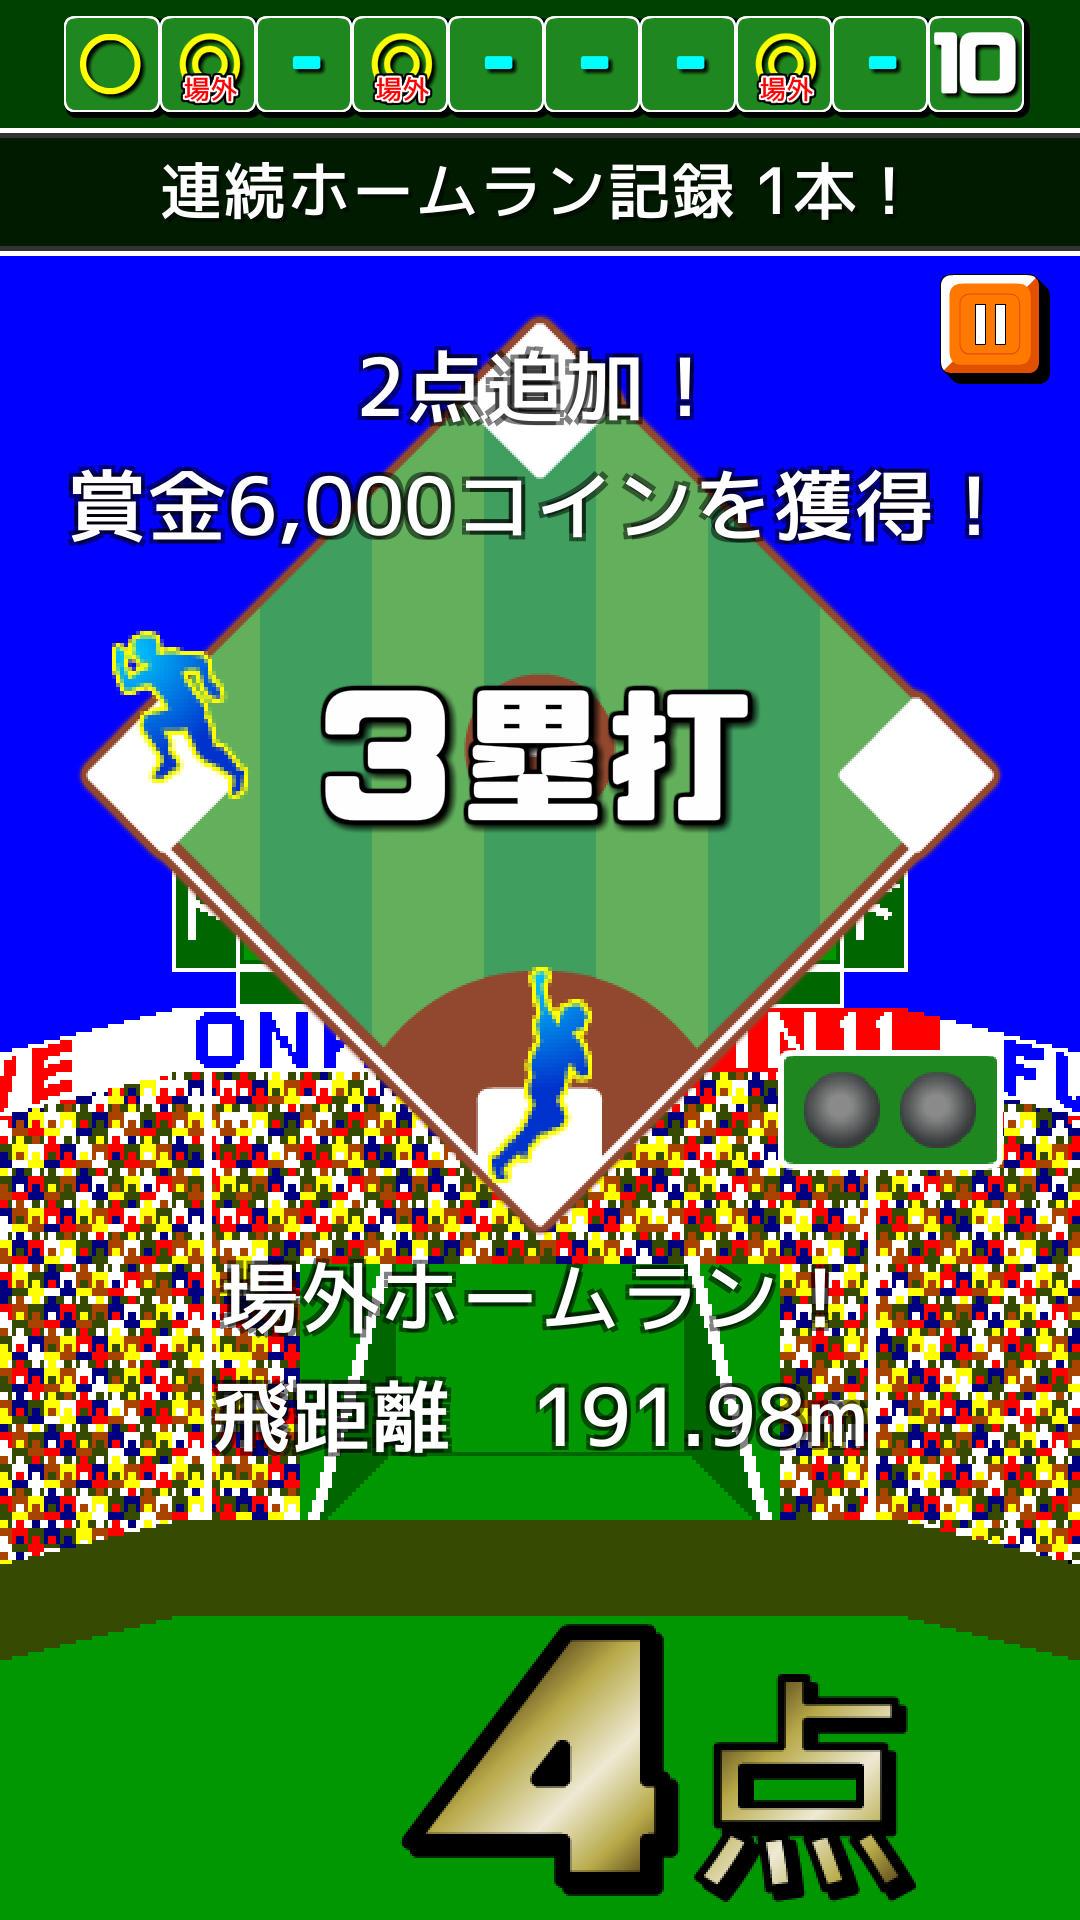 燃えろ!!プロ野球の画像 p1_2